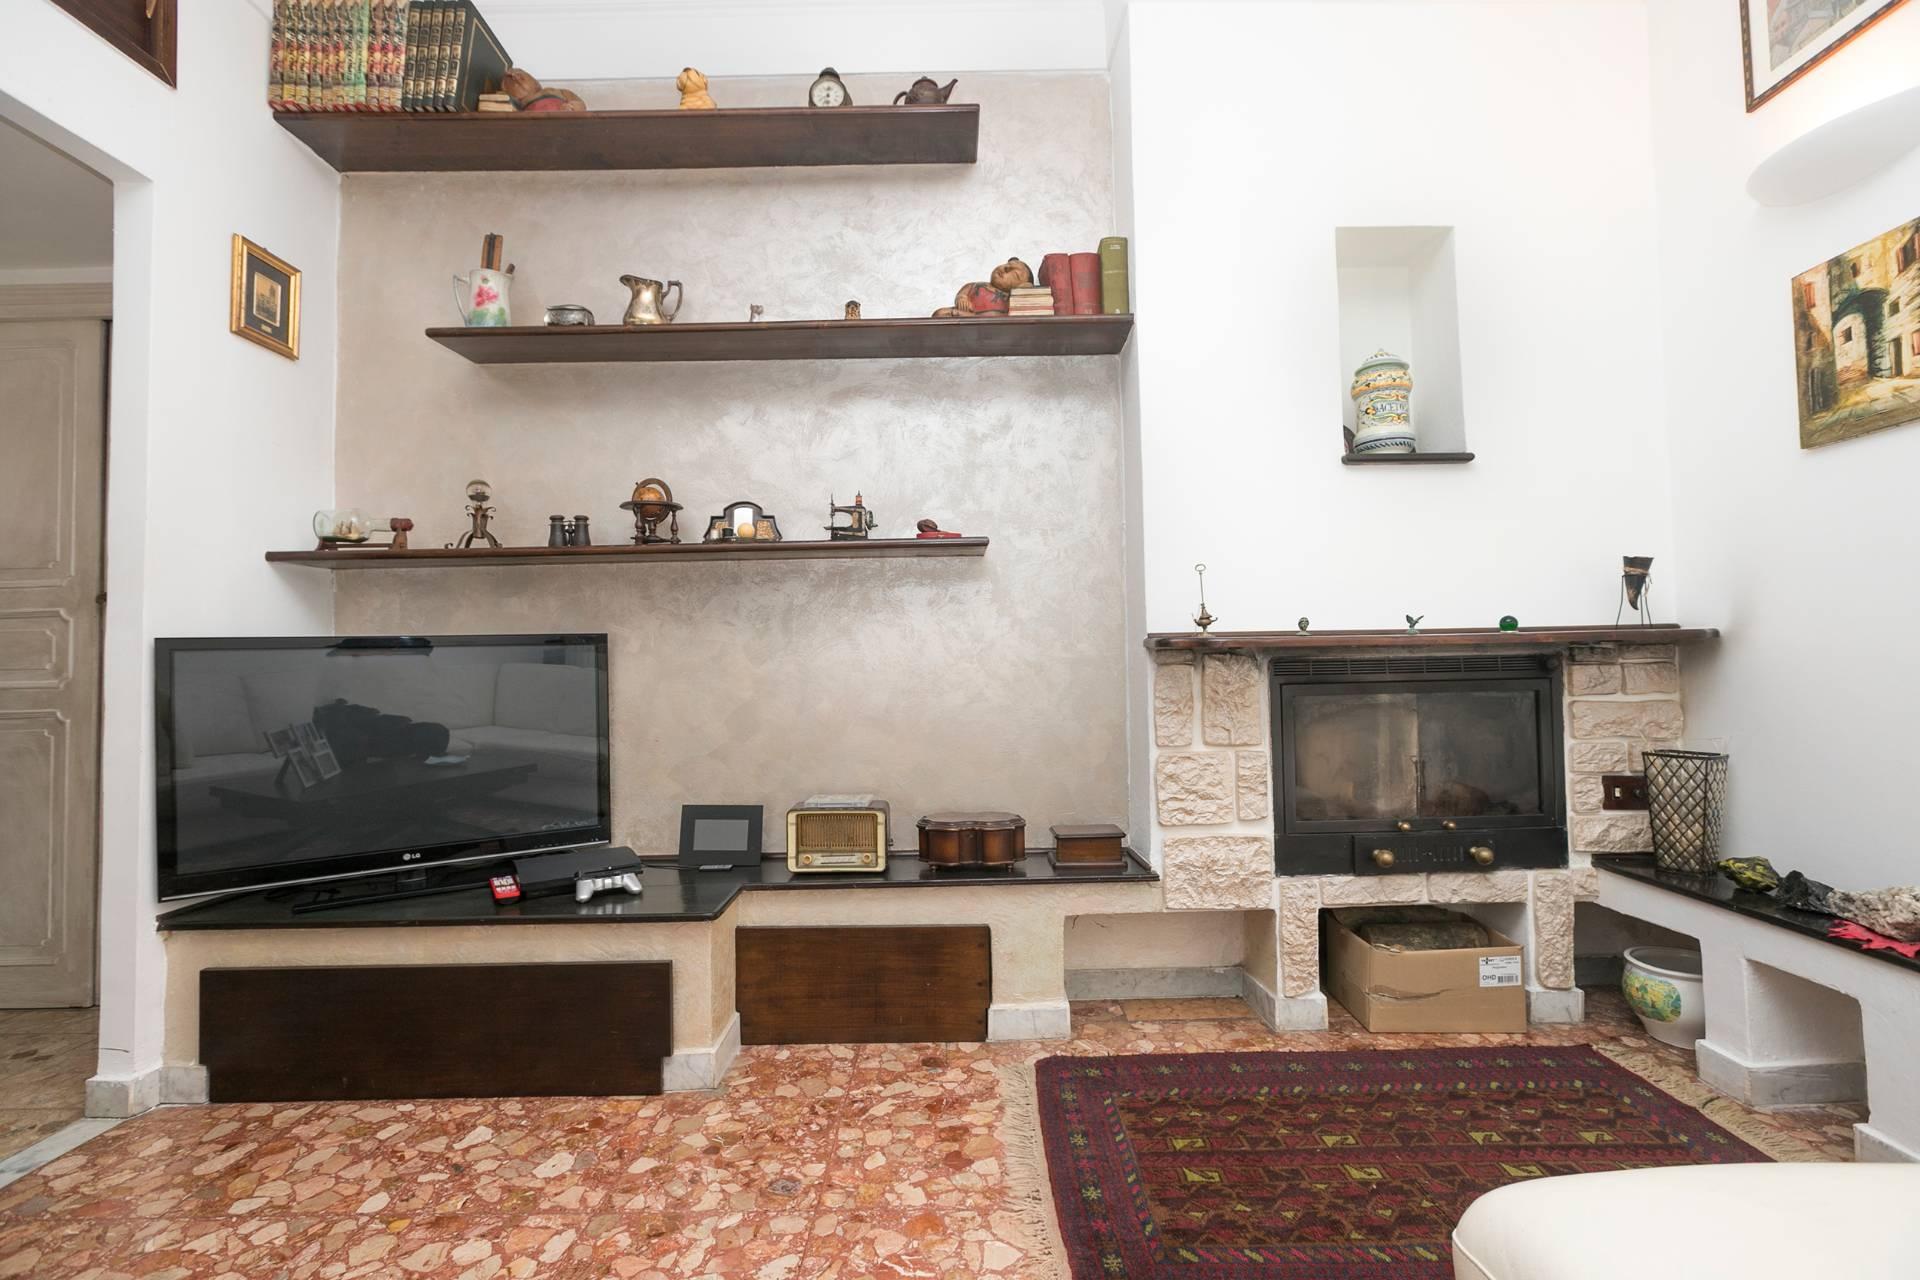 Appartamento GENOVA vendita  Pegli  Immobiliare Le Riviere S.r.l.